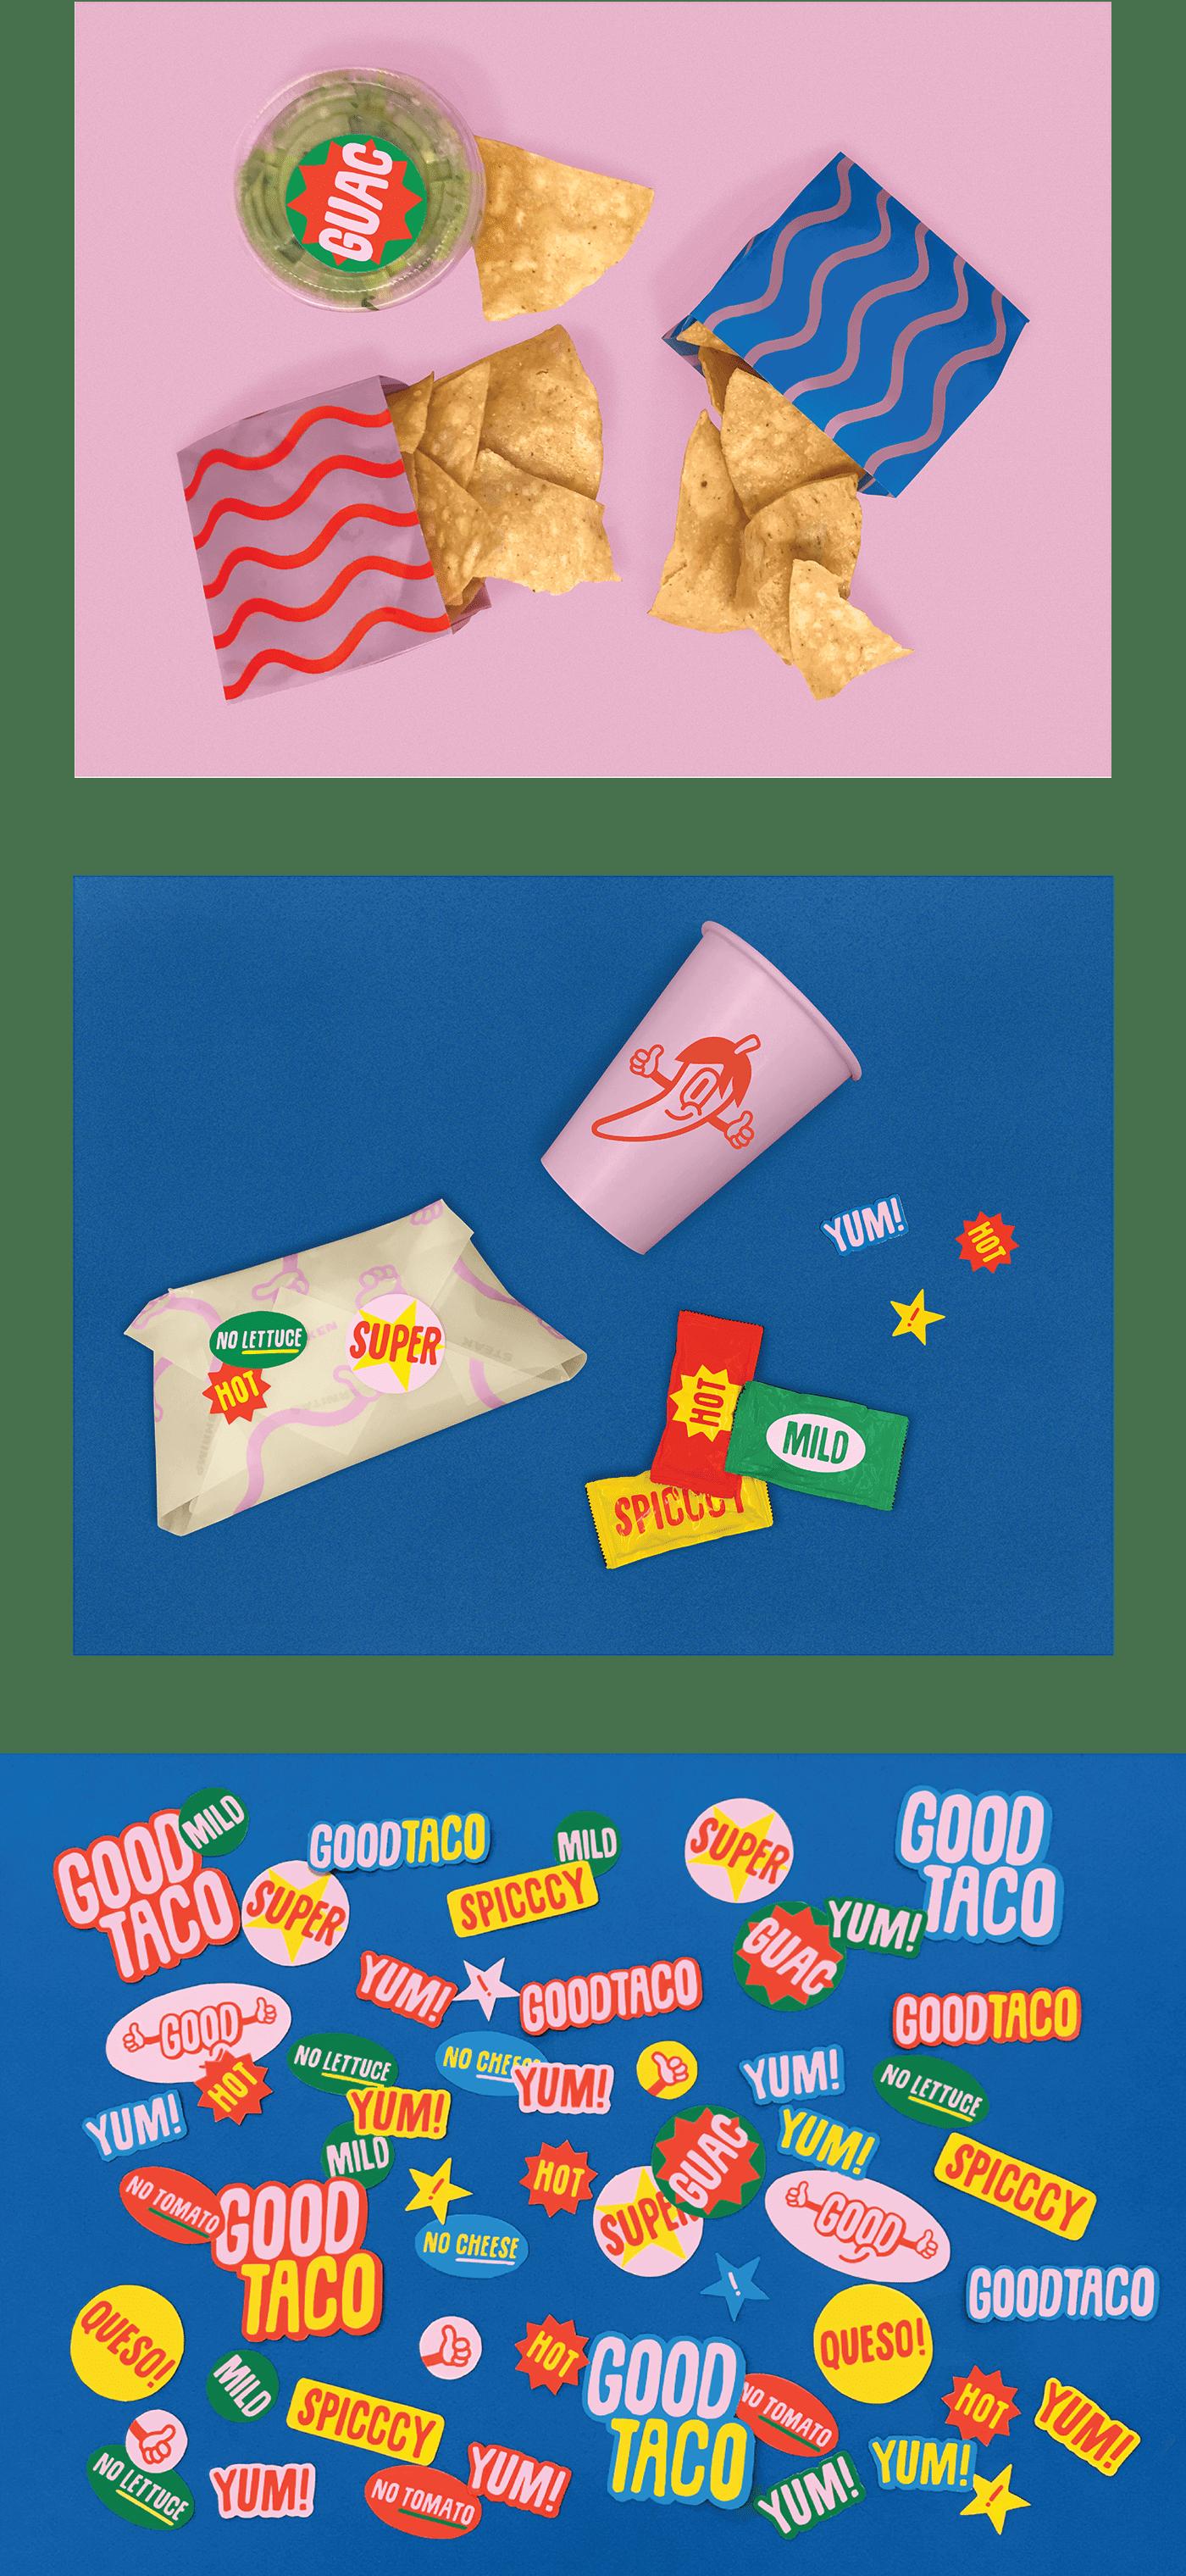 fast food packaging Packaging branding  Tacos menu Mexican restaurant